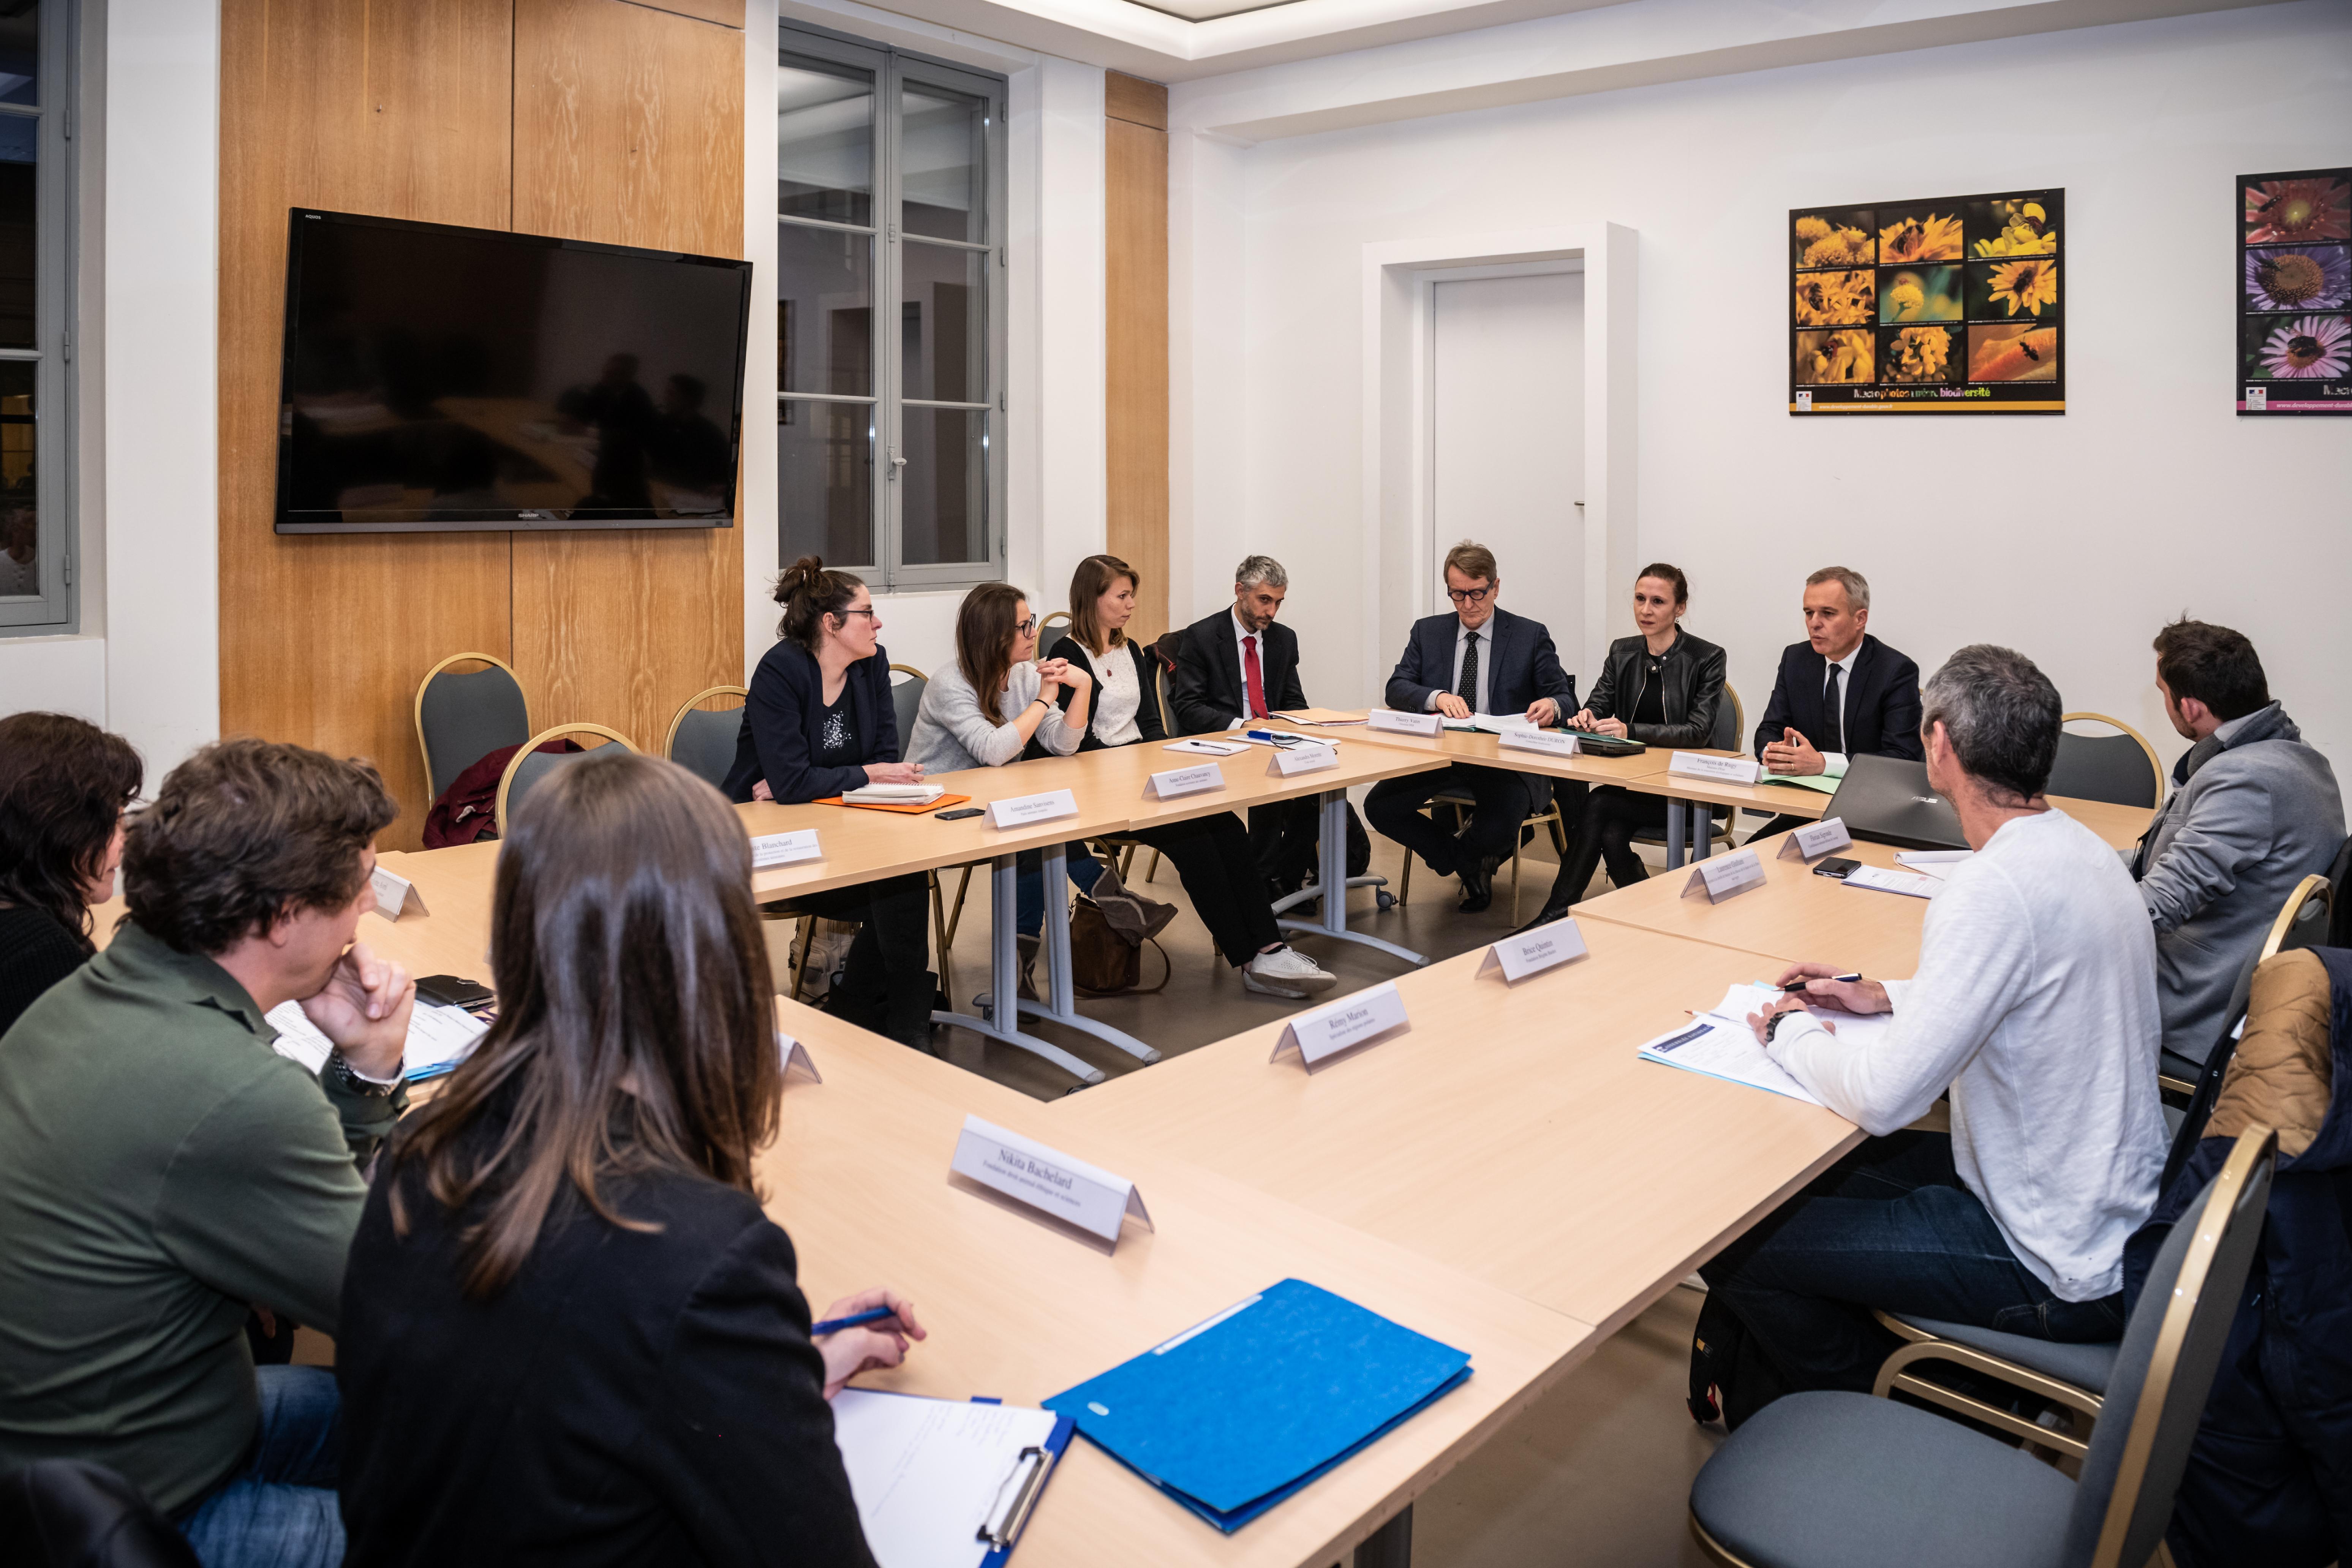 réunion de 9 ONG avec le ministre De Rugy pour discuter du sort des cétacés captifs